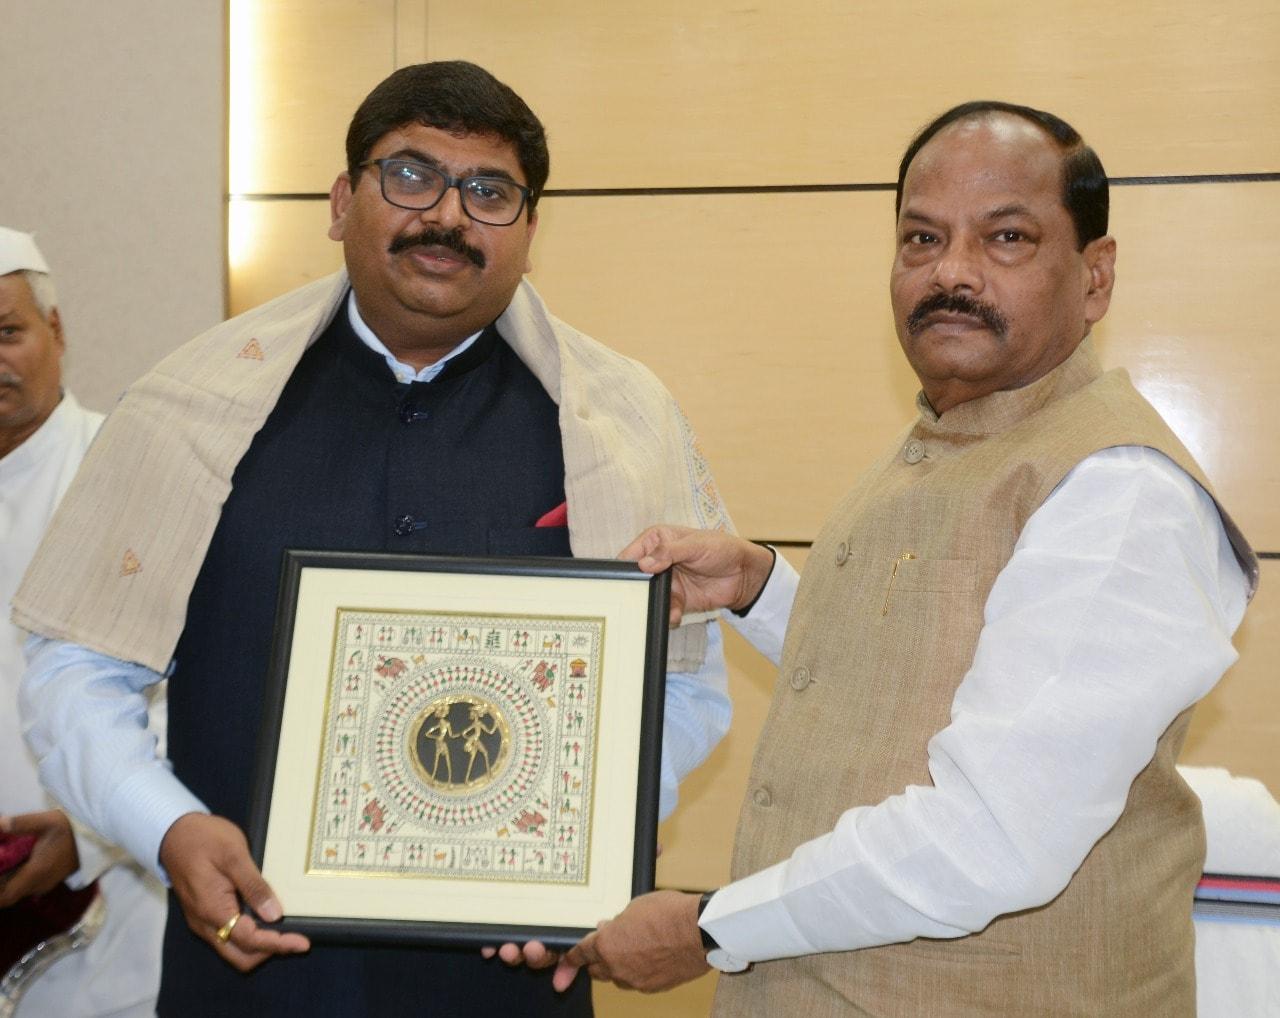 <p>झारखंड मंत्रालय में मुख्यमंत्री श्री रघुवर दास से Shri Bishwadip Dey, Ambassador, Trinidad & Tabago, HCI Port of Spain ने भेंटवार्ता की।</p>